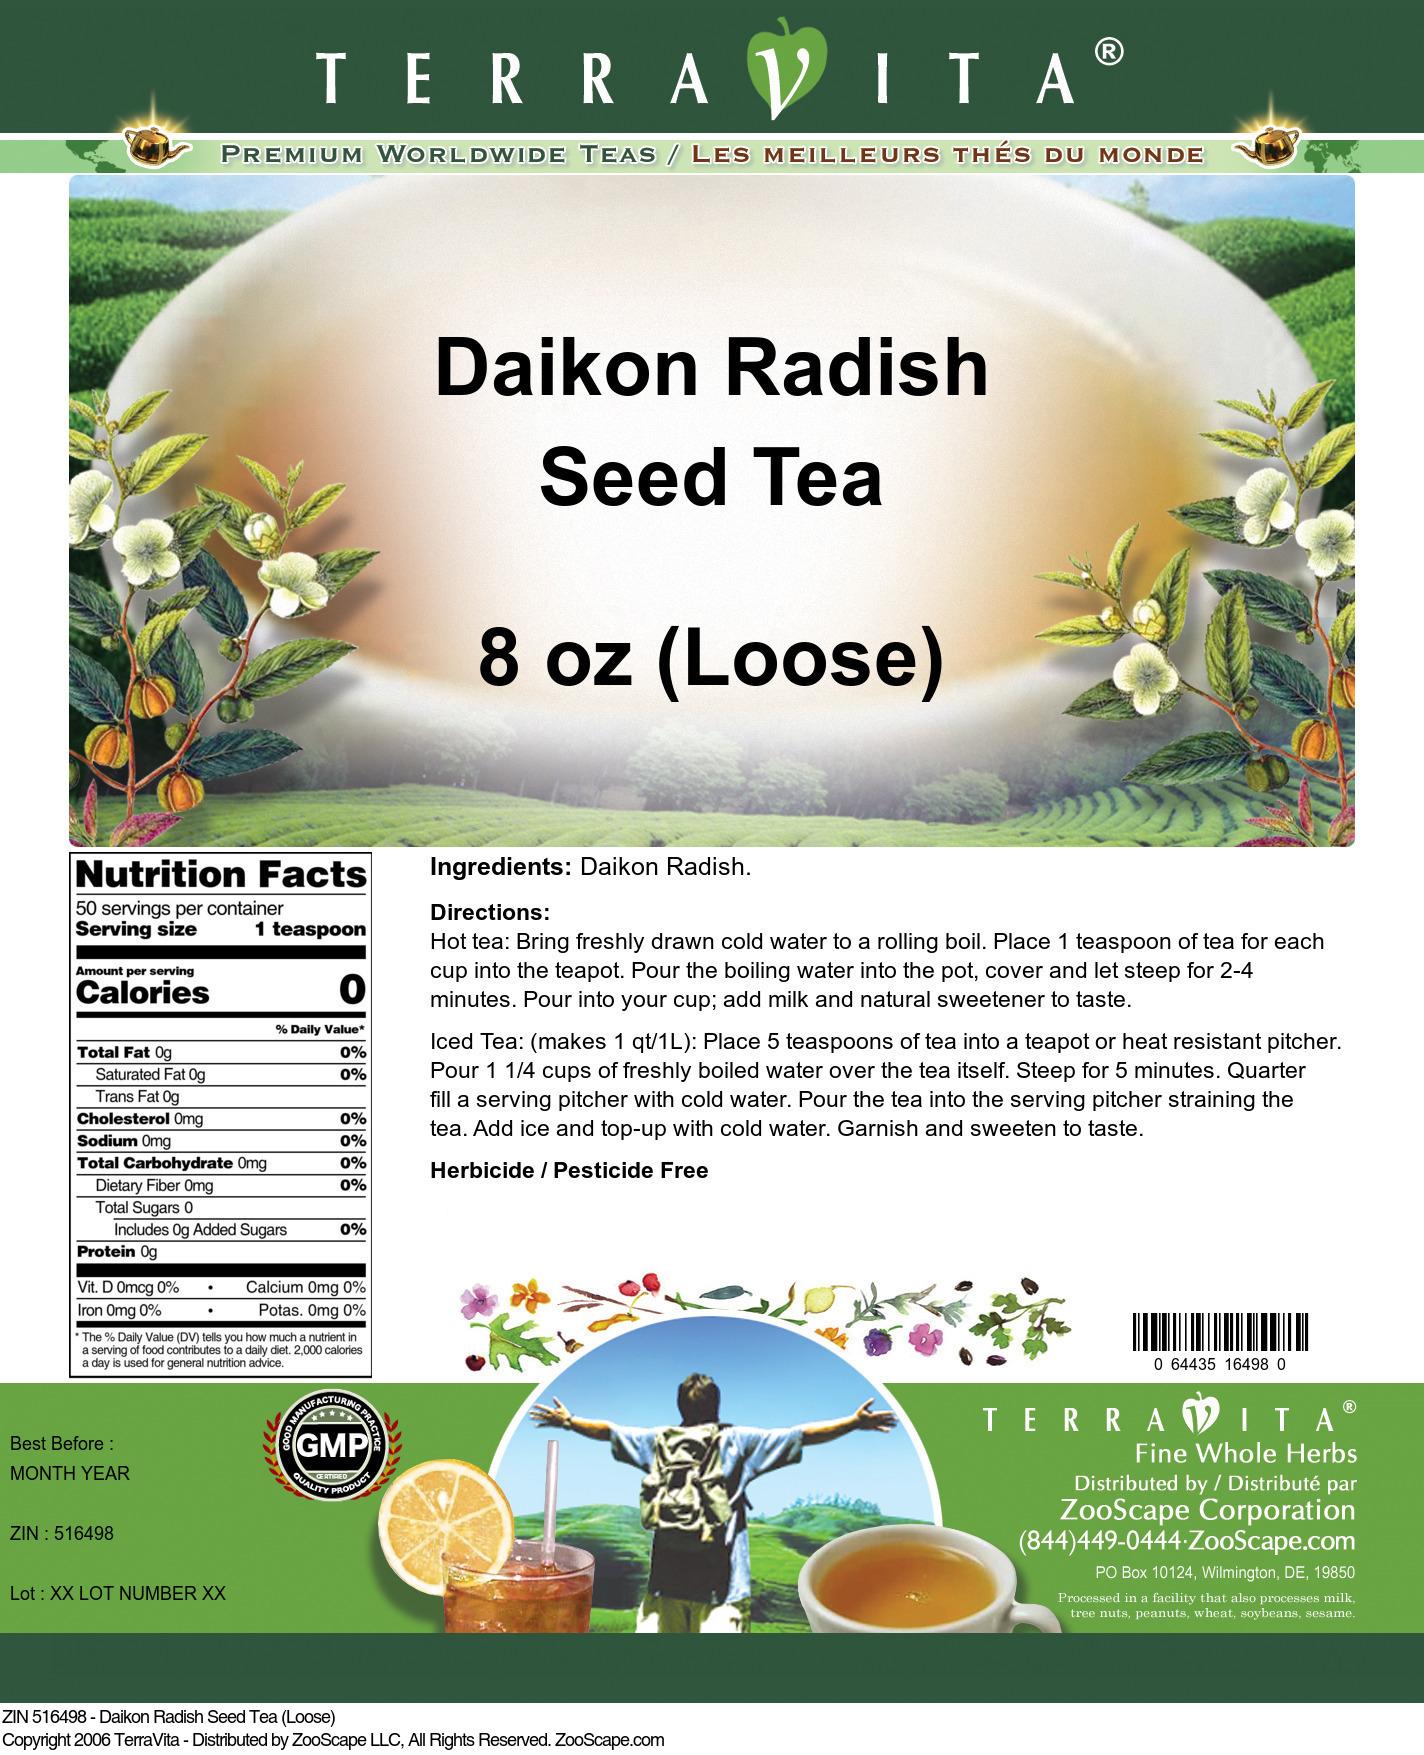 Daikon Radish Seed Tea (Loose)